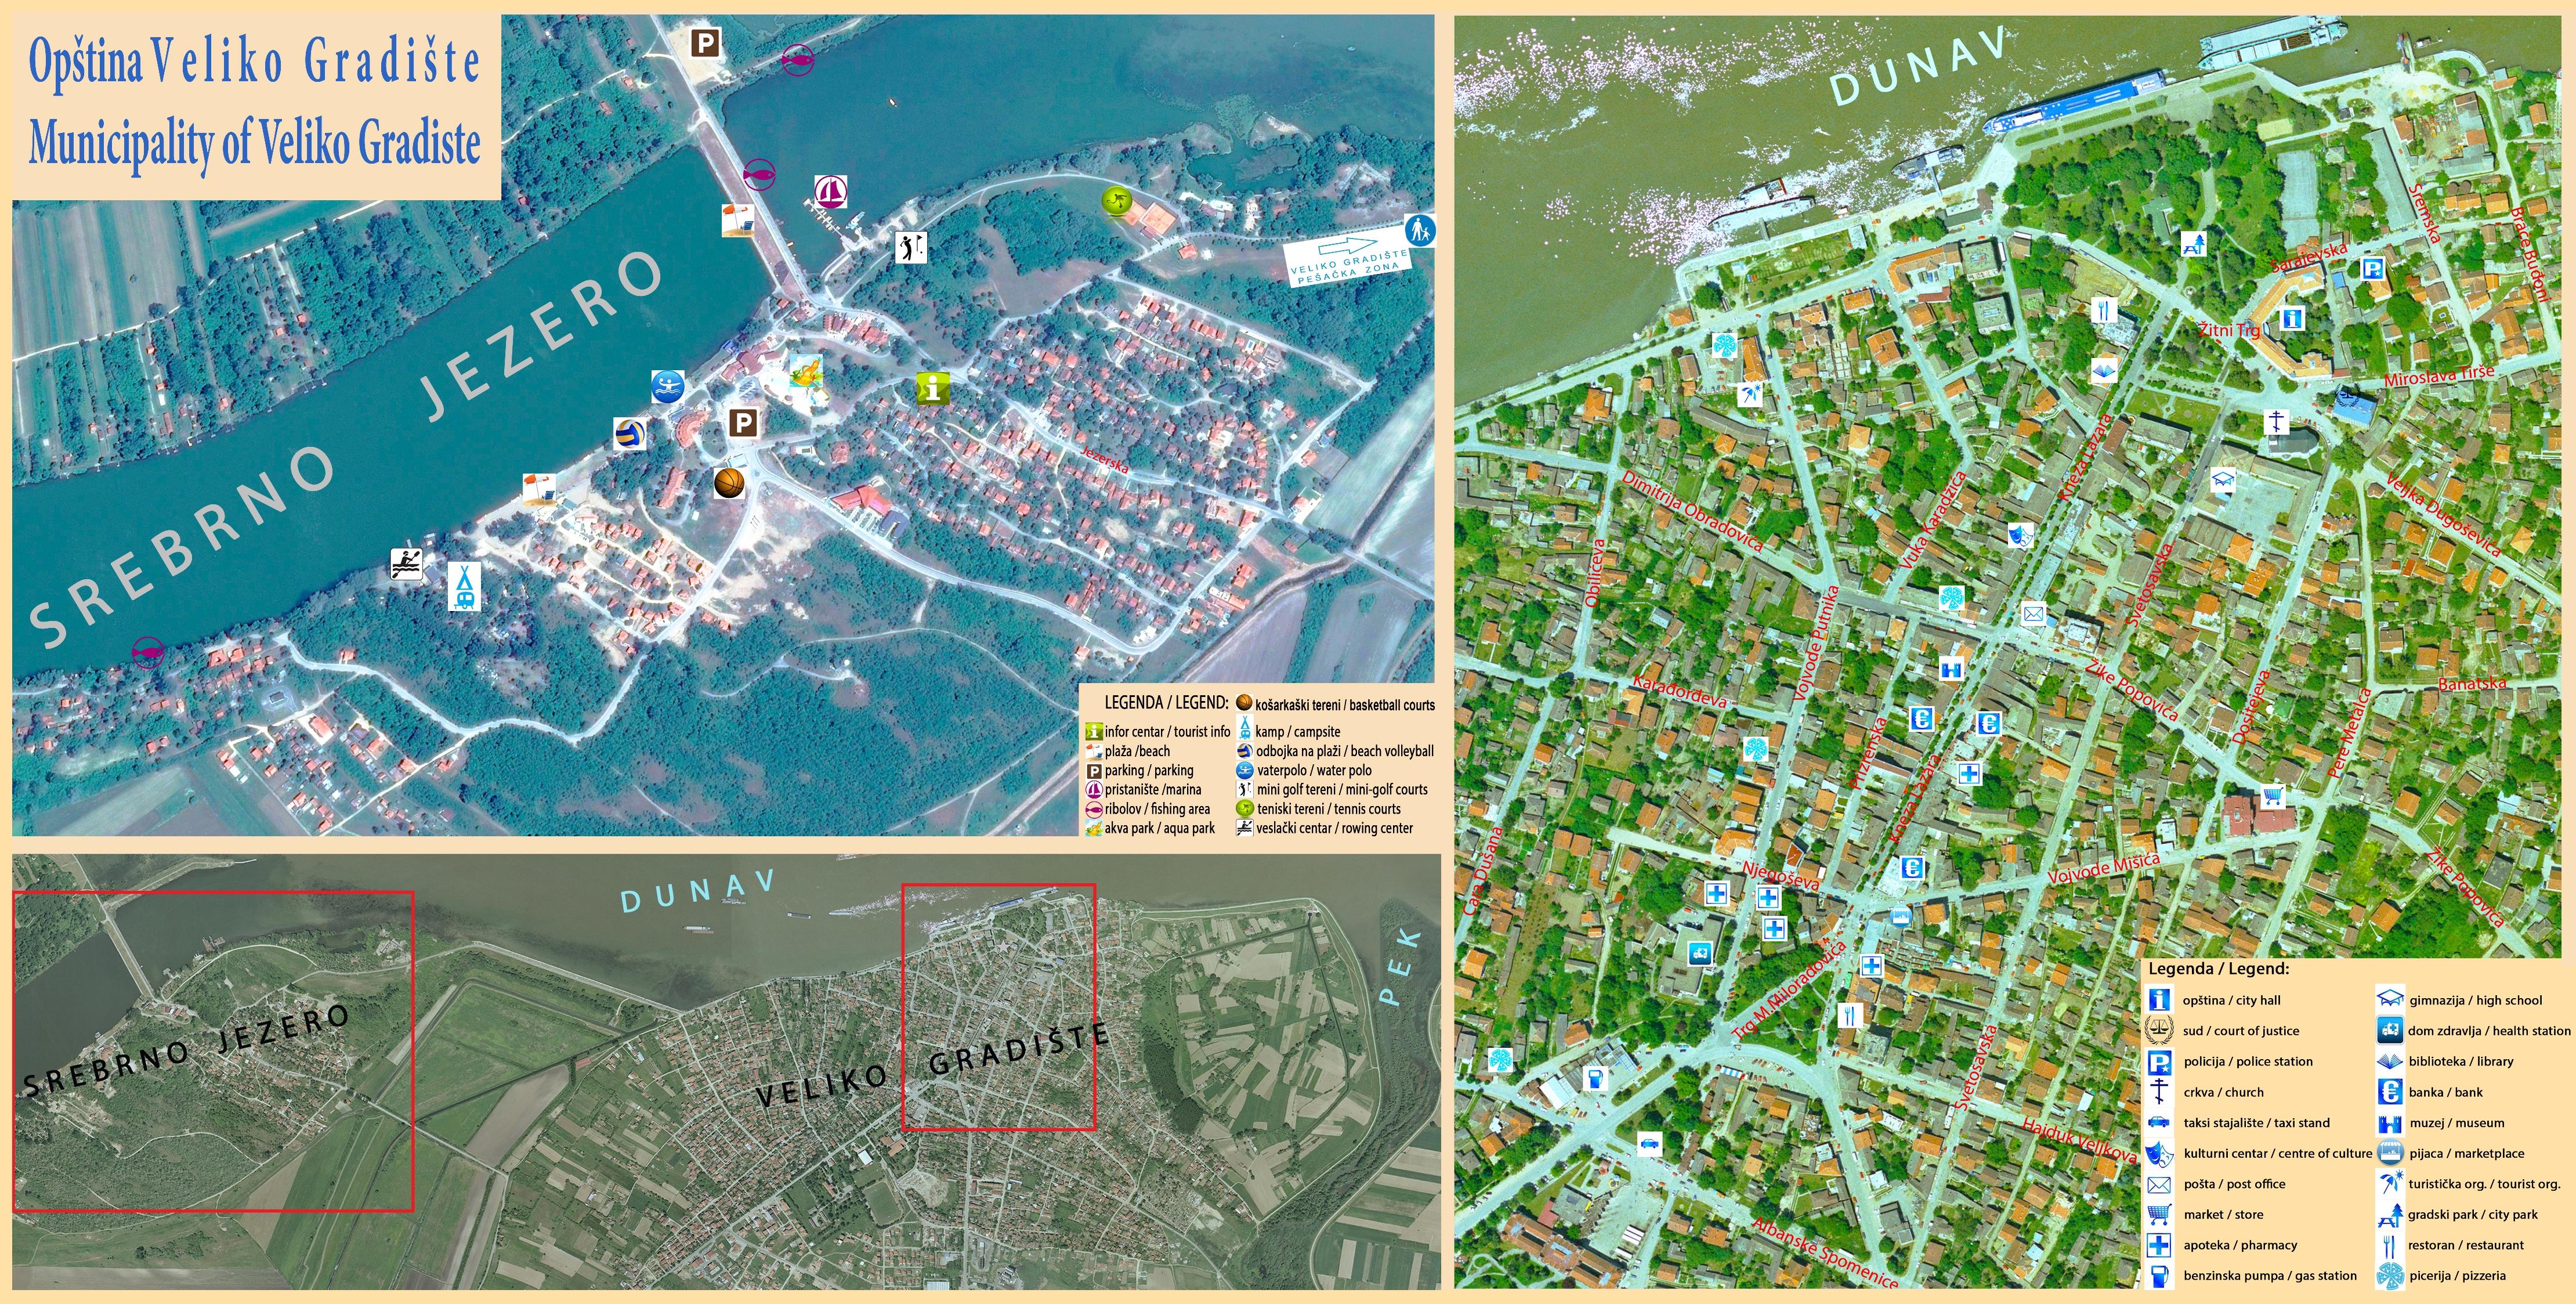 veliko gradiste mapa Туристички водич   Општина Велико Градиште veliko gradiste mapa